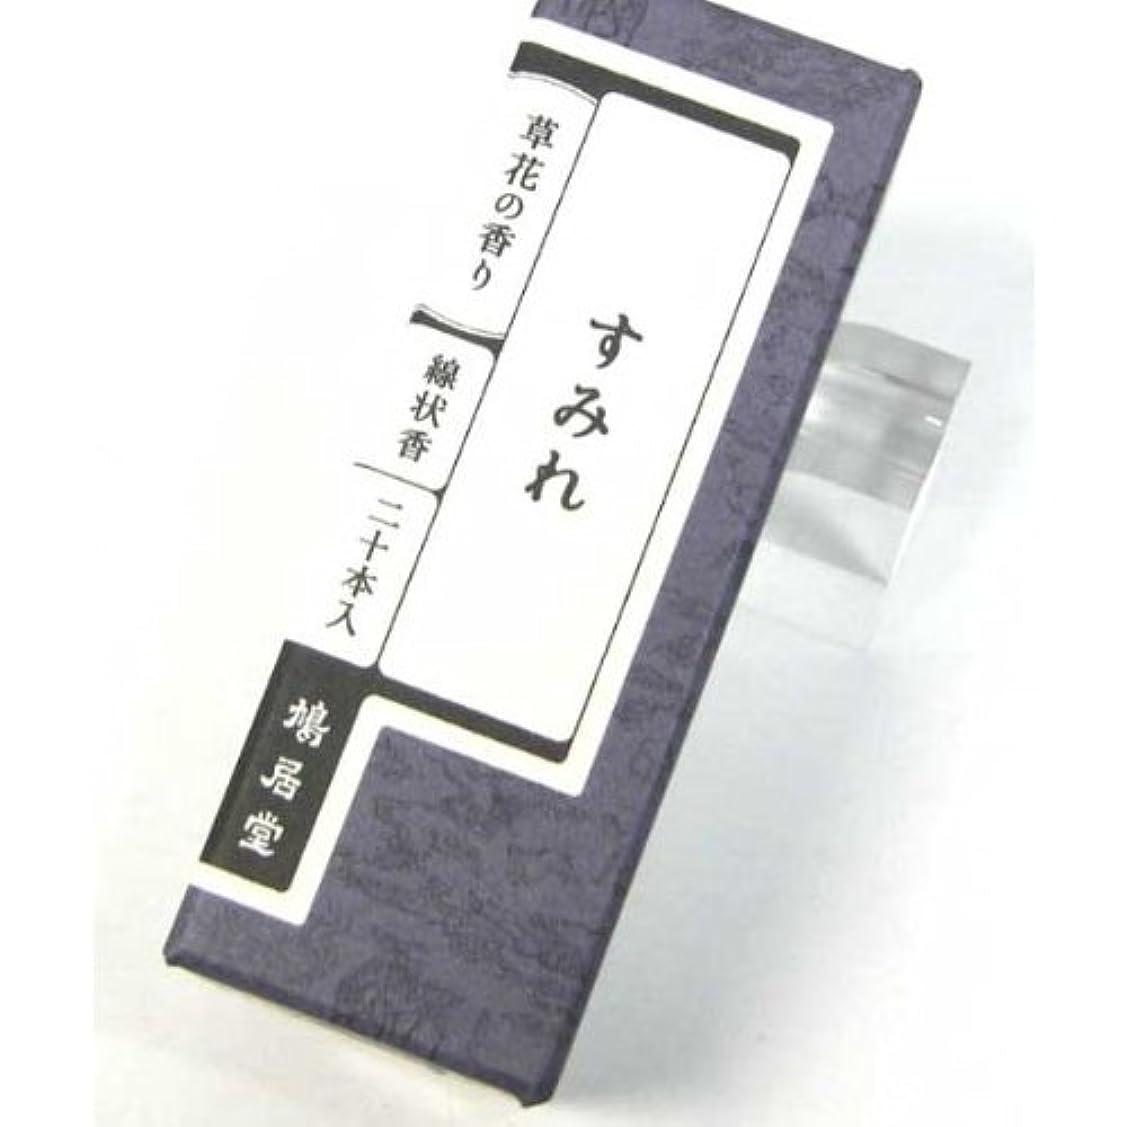 賃金お金シリアル鳩居堂 お香 すみれ/菫 草花の香りシリーズ スティックタイプ(棒状香)20本いり